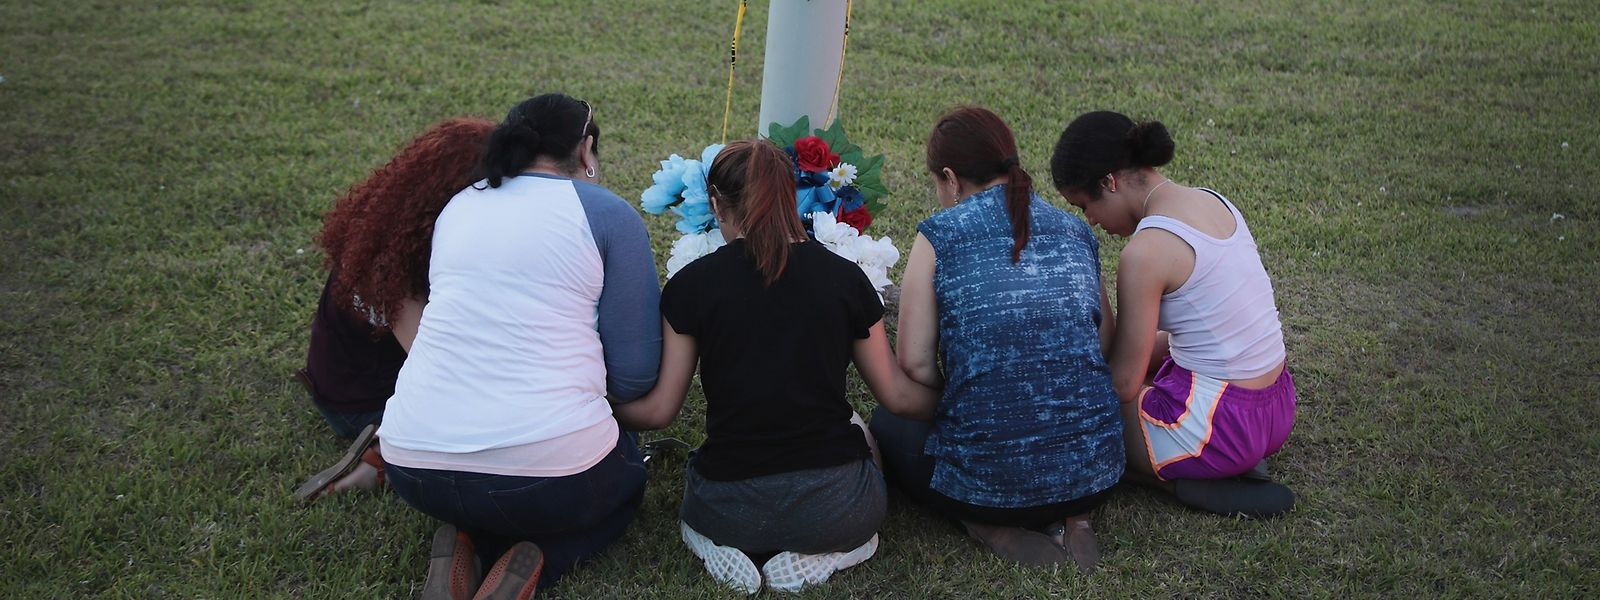 Trauernde Schülerinnen gedenken der Opfer an der Absperrung des Tatortes.